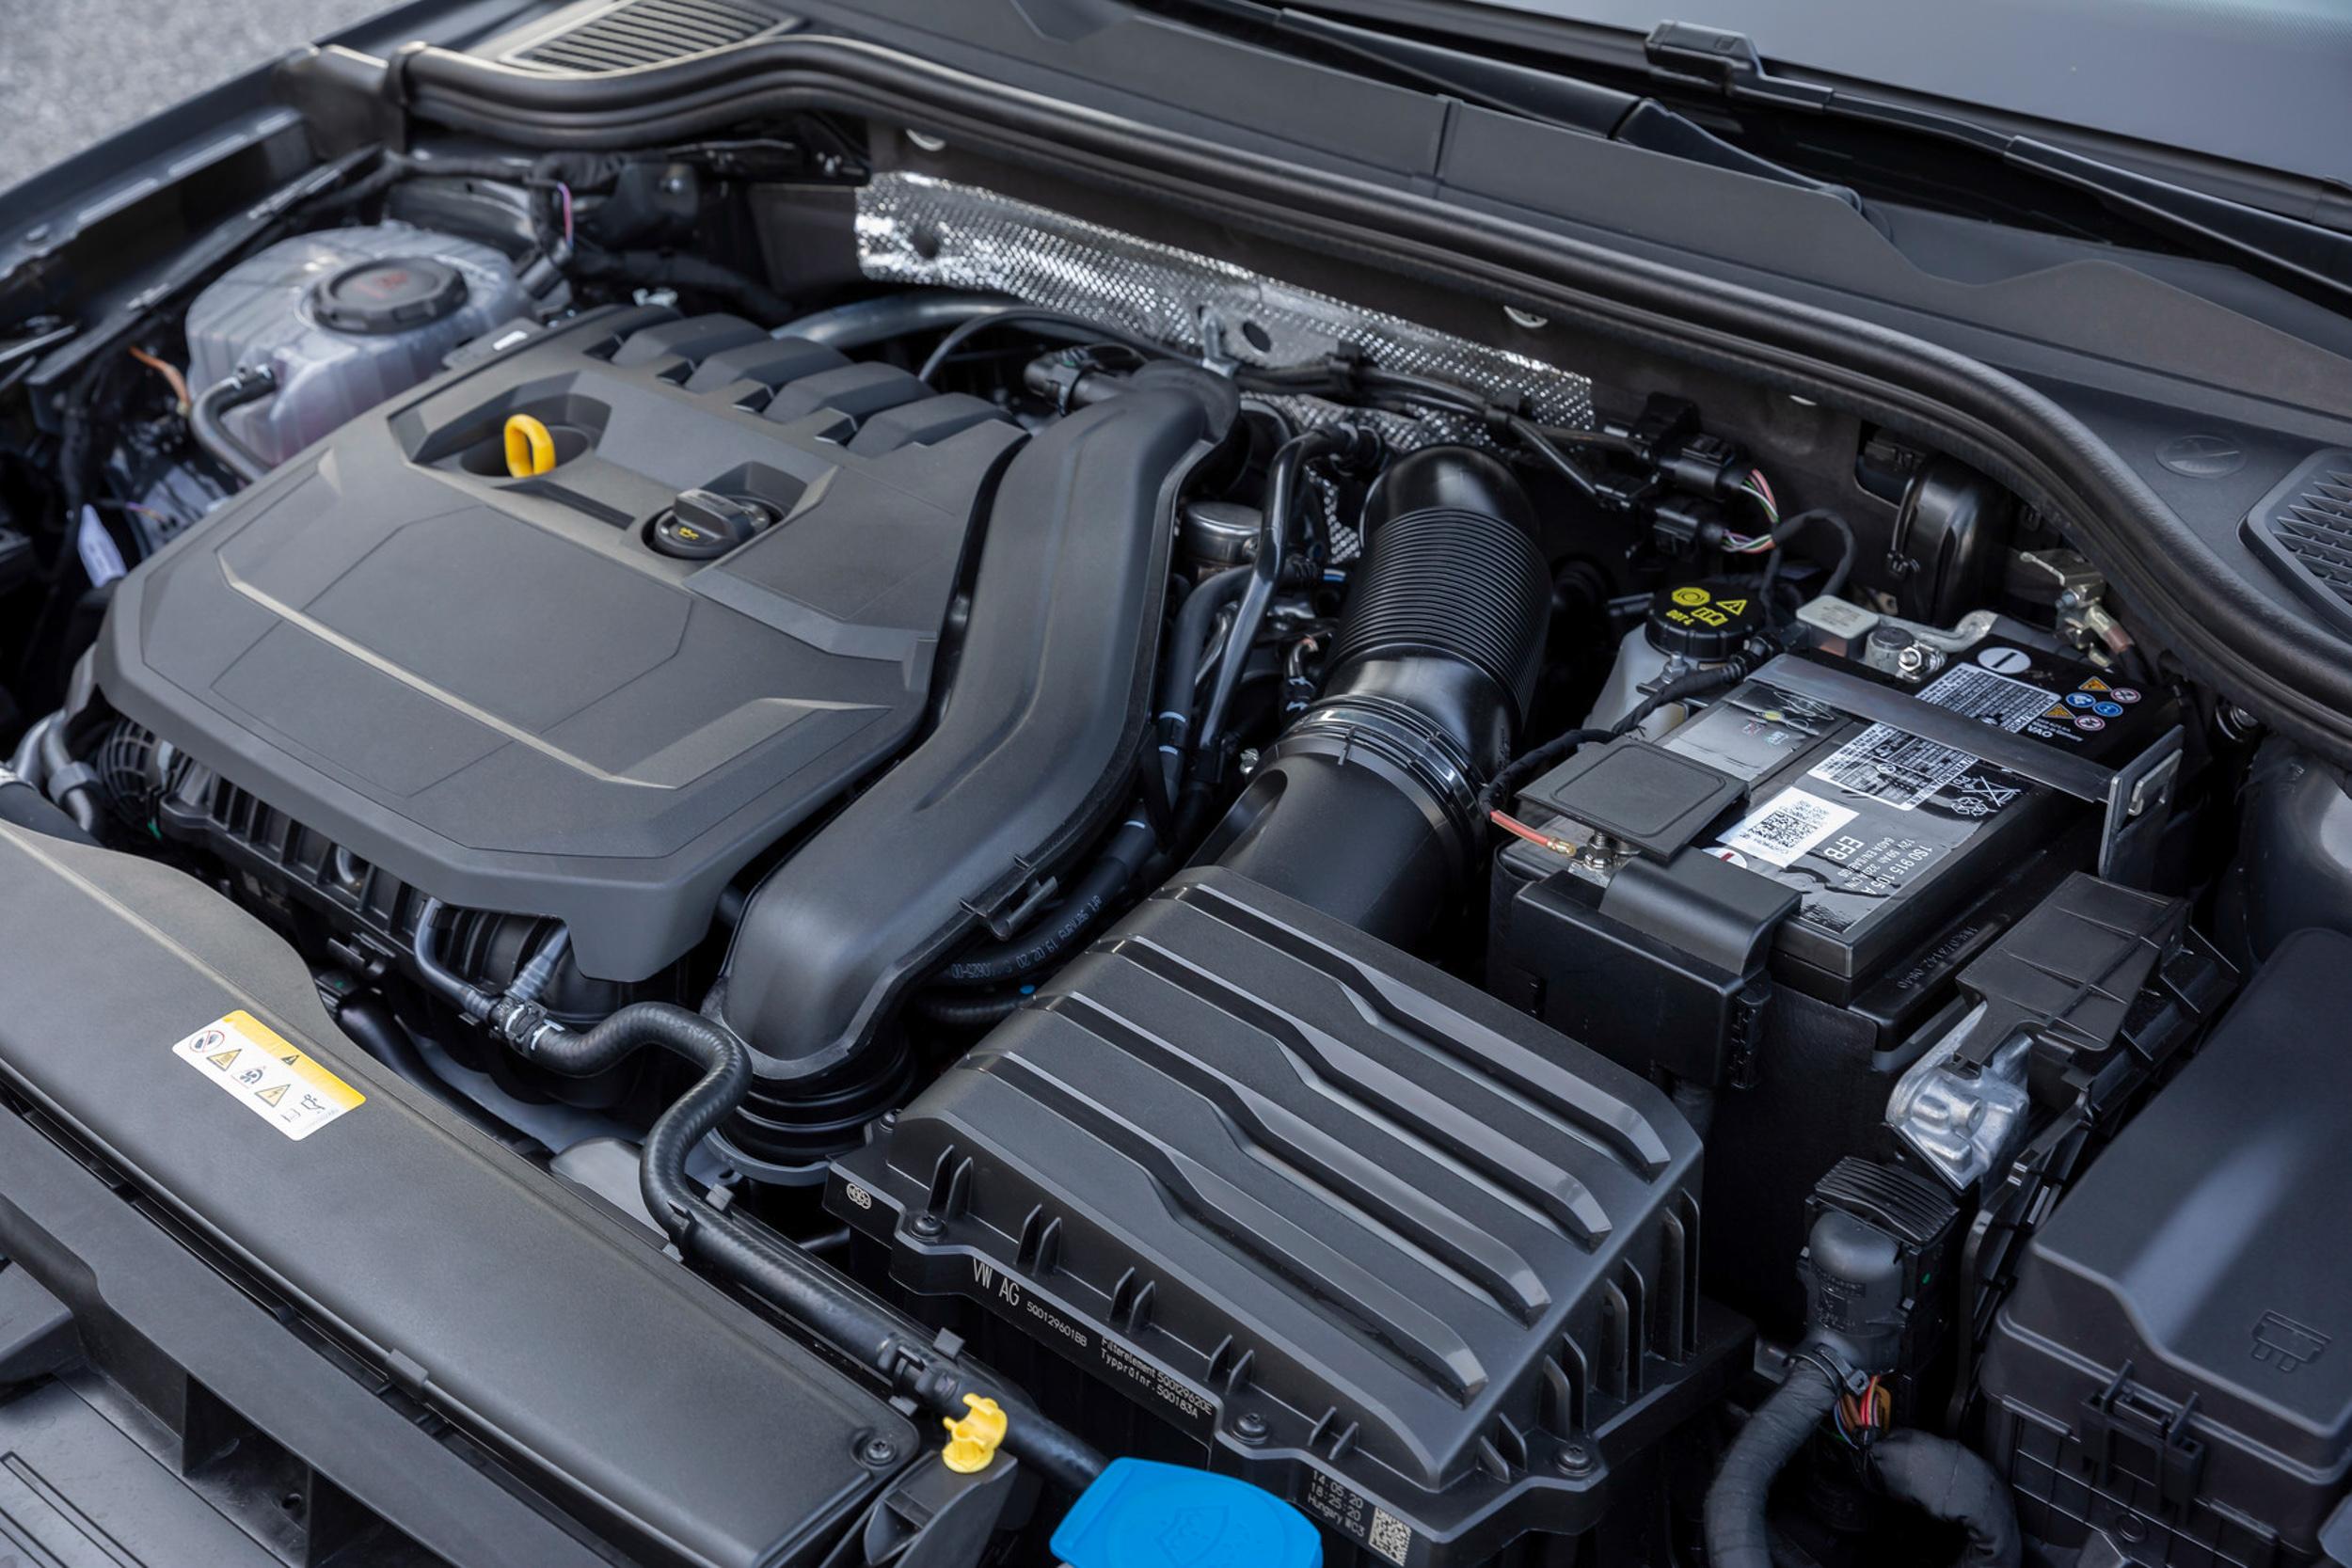 透過電能輔助可為引擎帶來多達9kW的動力輸出和50Nm扭力,同時可縮短25%的時間來達到相同扭力數值,且平均油耗可降低最多達10%,二氧化碳排放每公里最多降低8g。